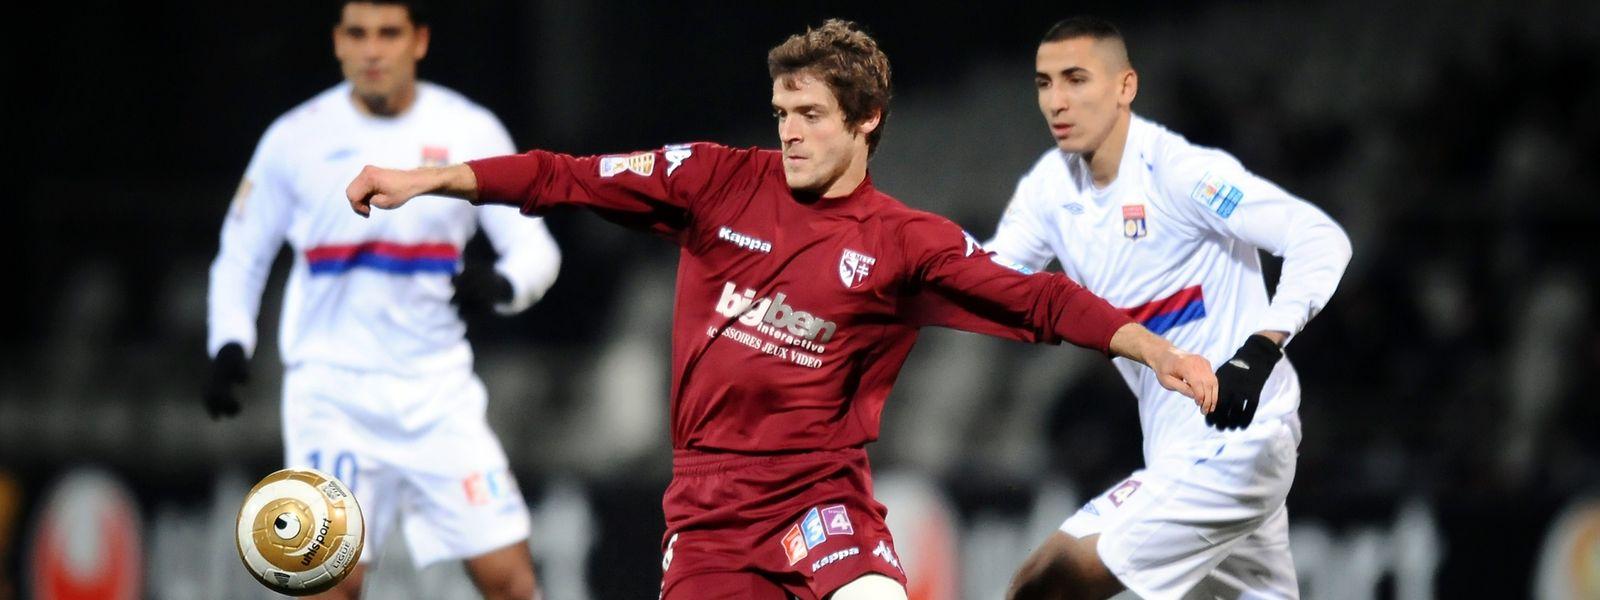 Julien Cardy a gardé un excellent souvenir du FC Metz. Il téléphone régulièrement au président Molinari et au service administratif.